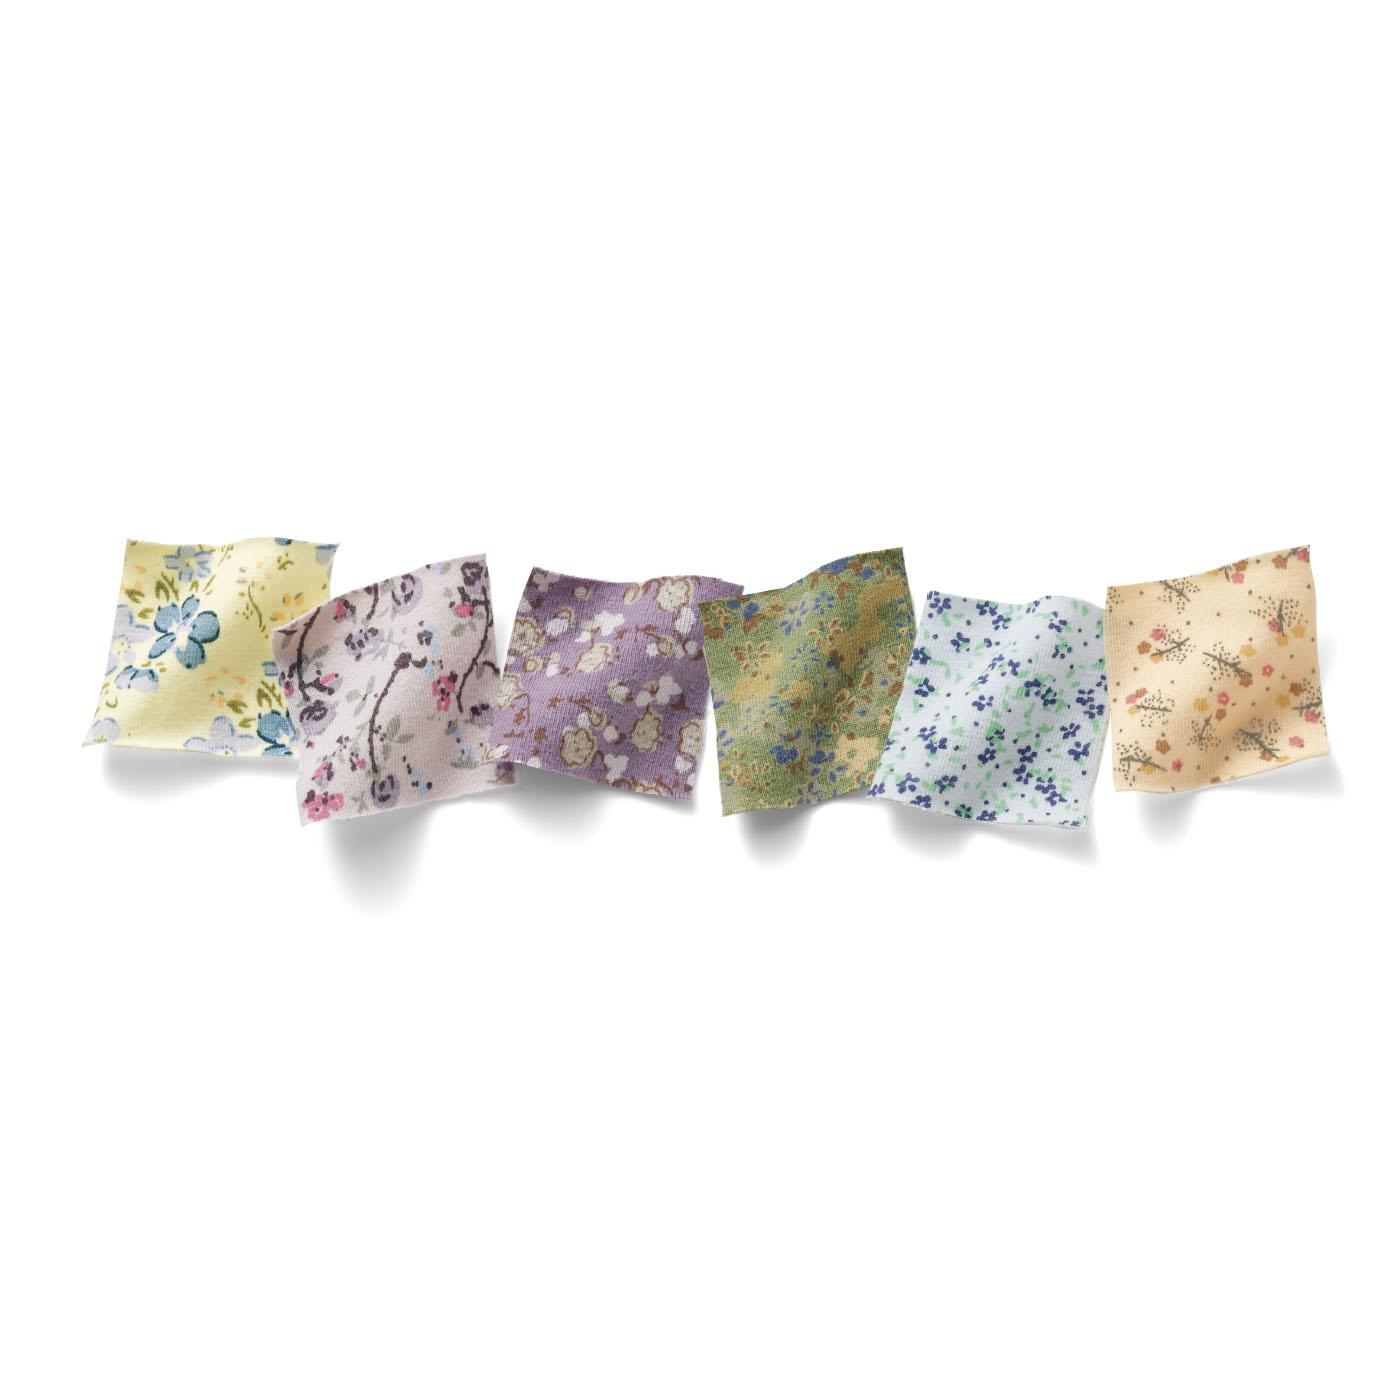 ※「小花柄タンクトップ」と「小花柄ショーツ(409325)」を同時にお申し込みの場合、おそろいの色柄でお届けします。